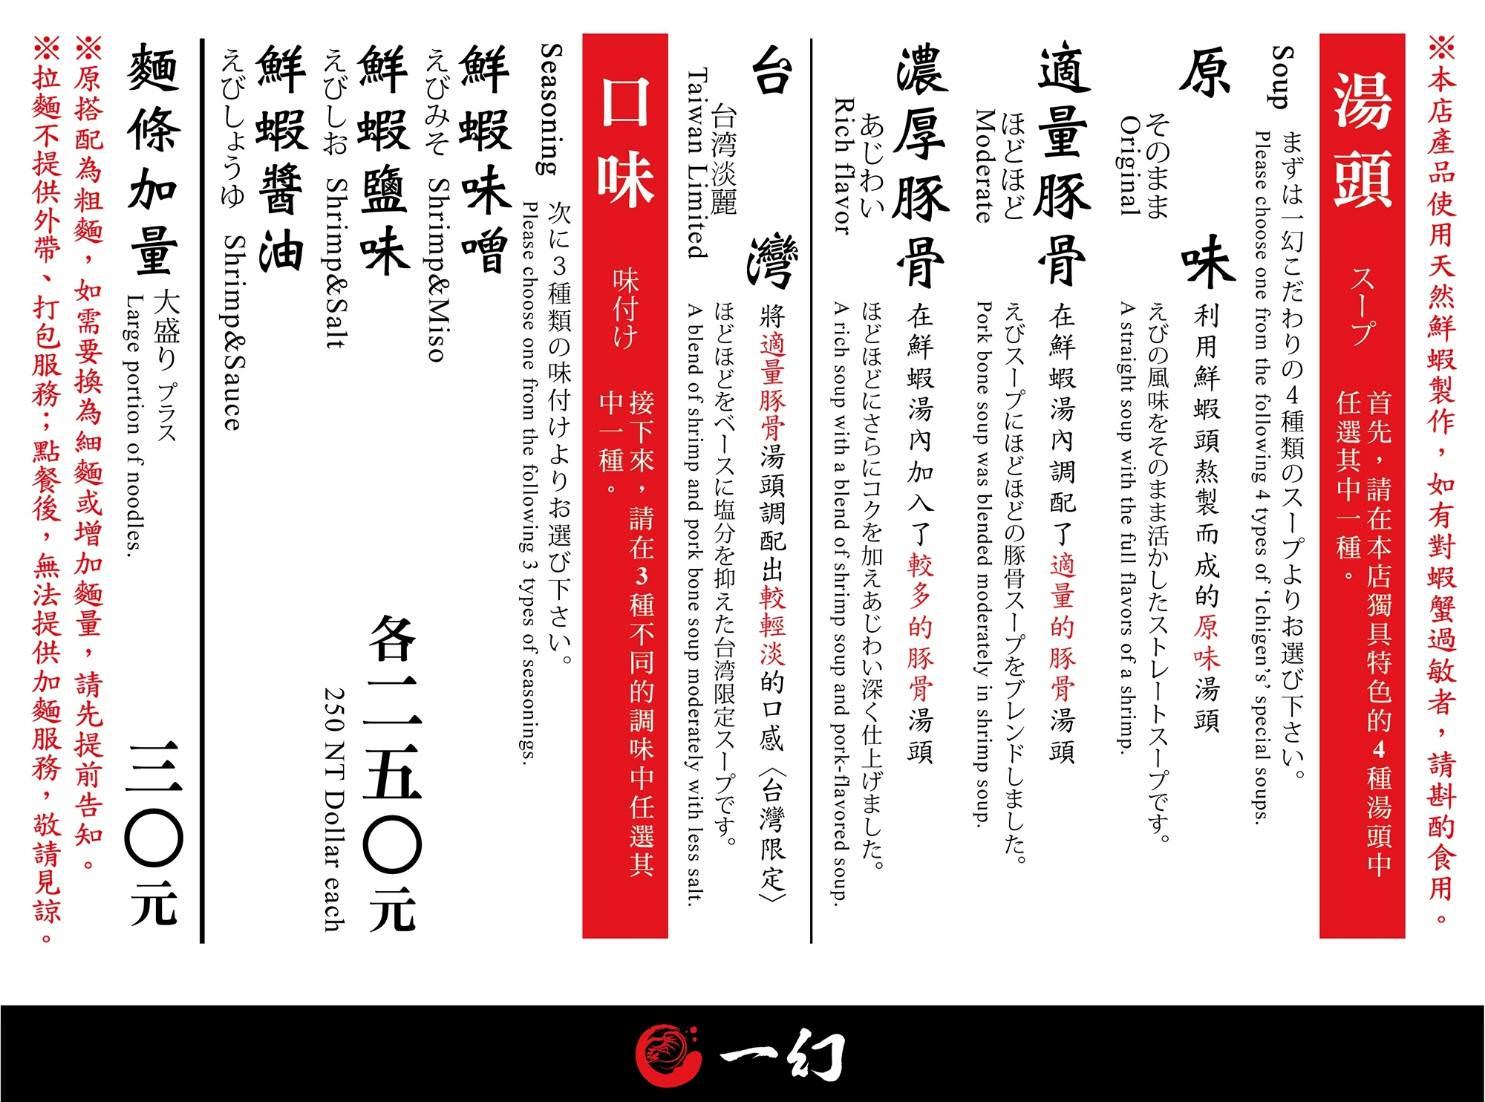 20181111203949 43 - 一幻拉麵,中友百貨也有濃濃蝦味的日式拉麵~